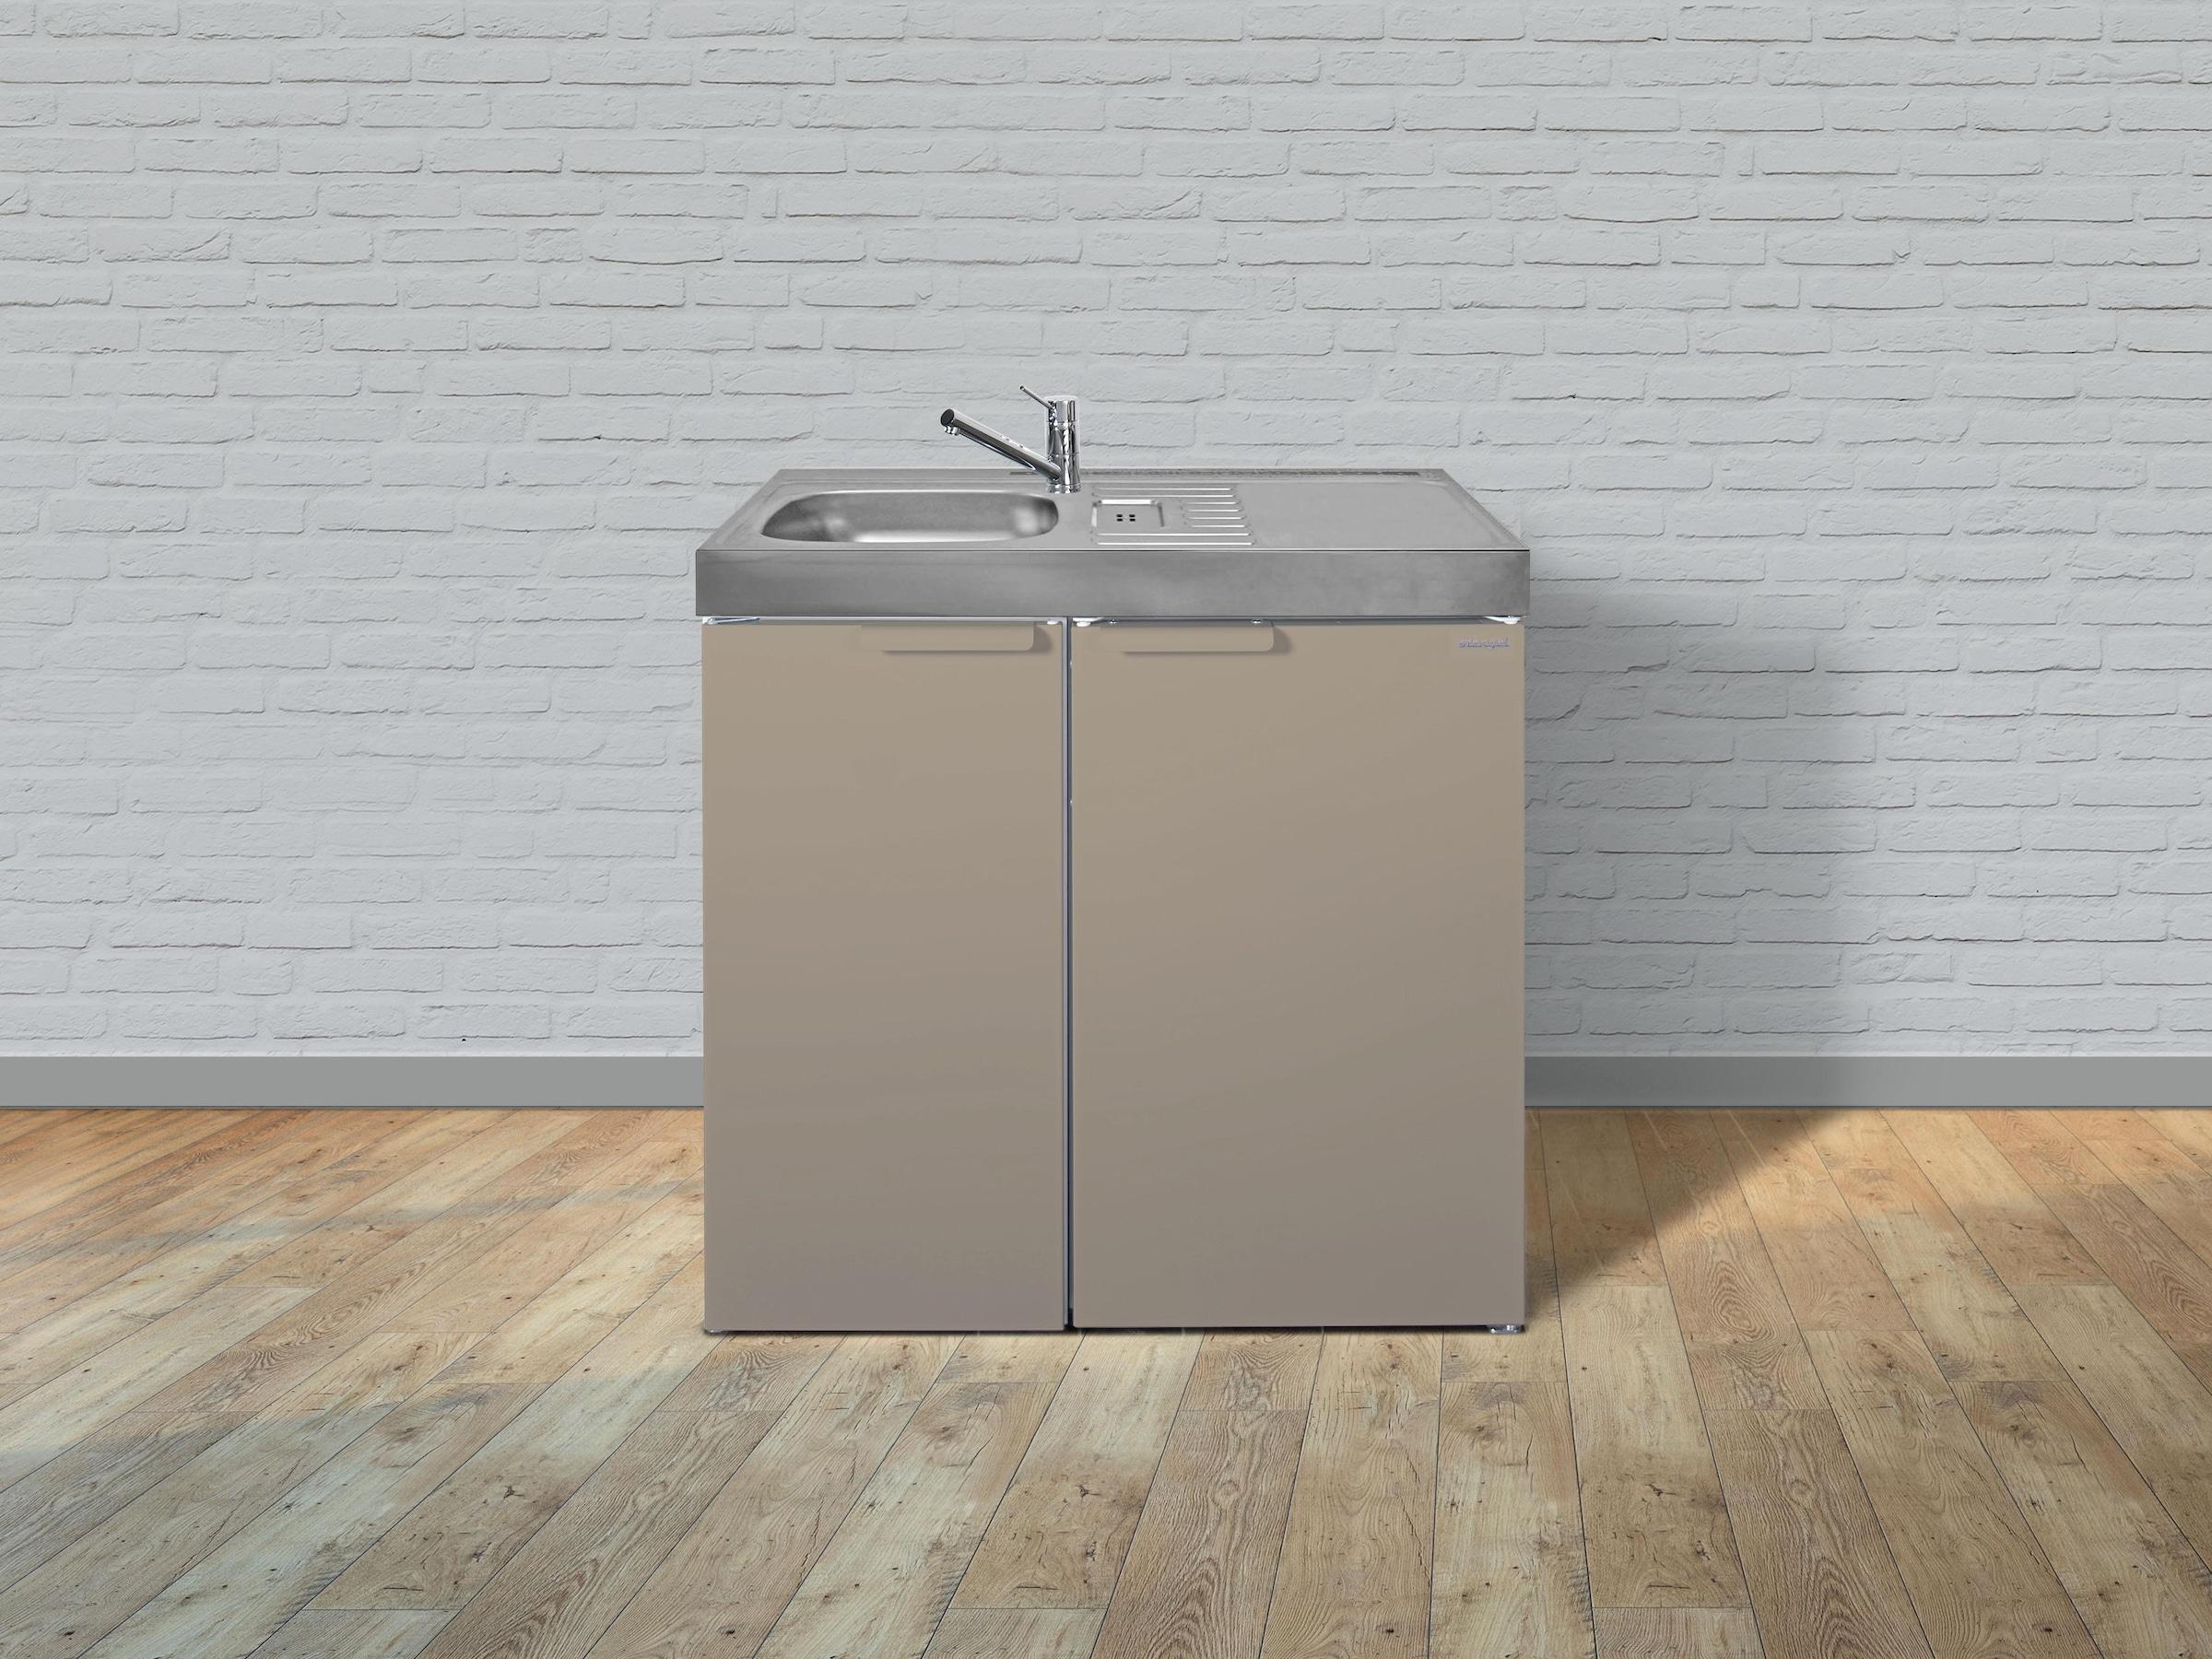 Miniküche Mit Kühlschrank Poco : Amica kühlschrank poco küche weiß hochglanz inkl arbeitsplatte u